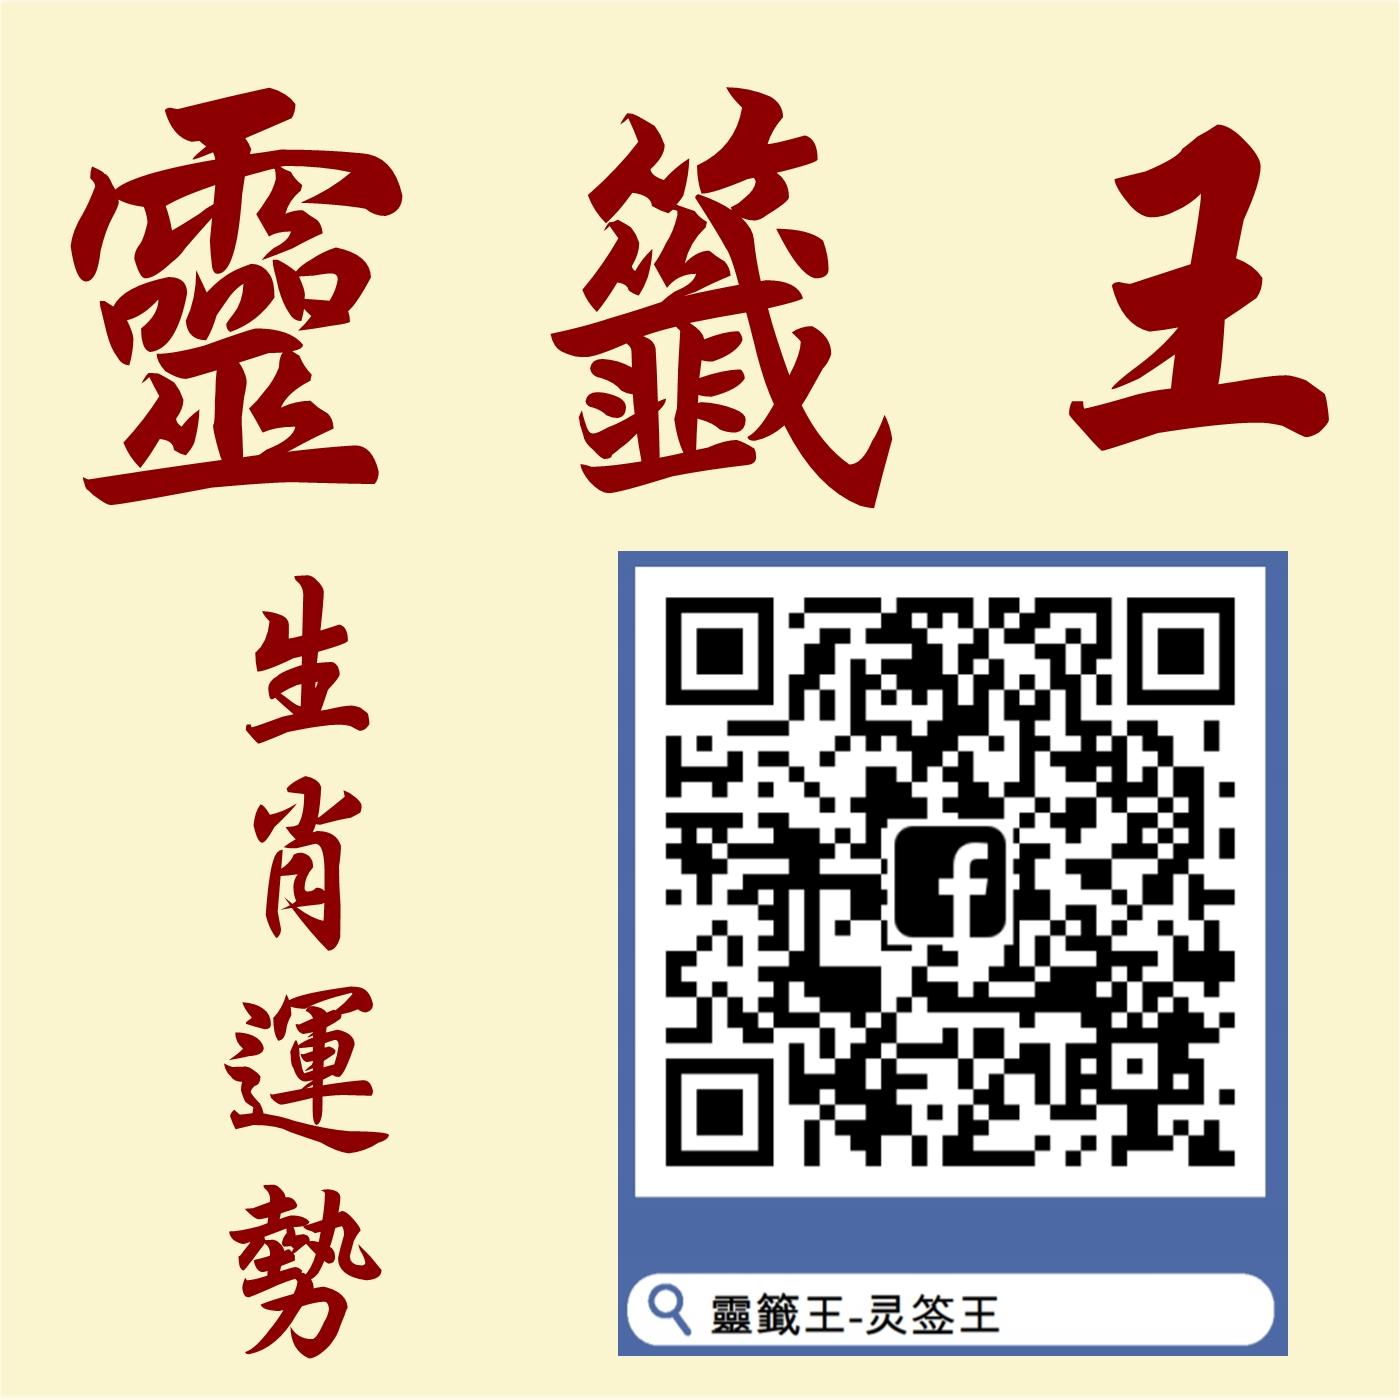 農曆一月生肖星座運勢(鼠牛&水瓶雙魚)20210127